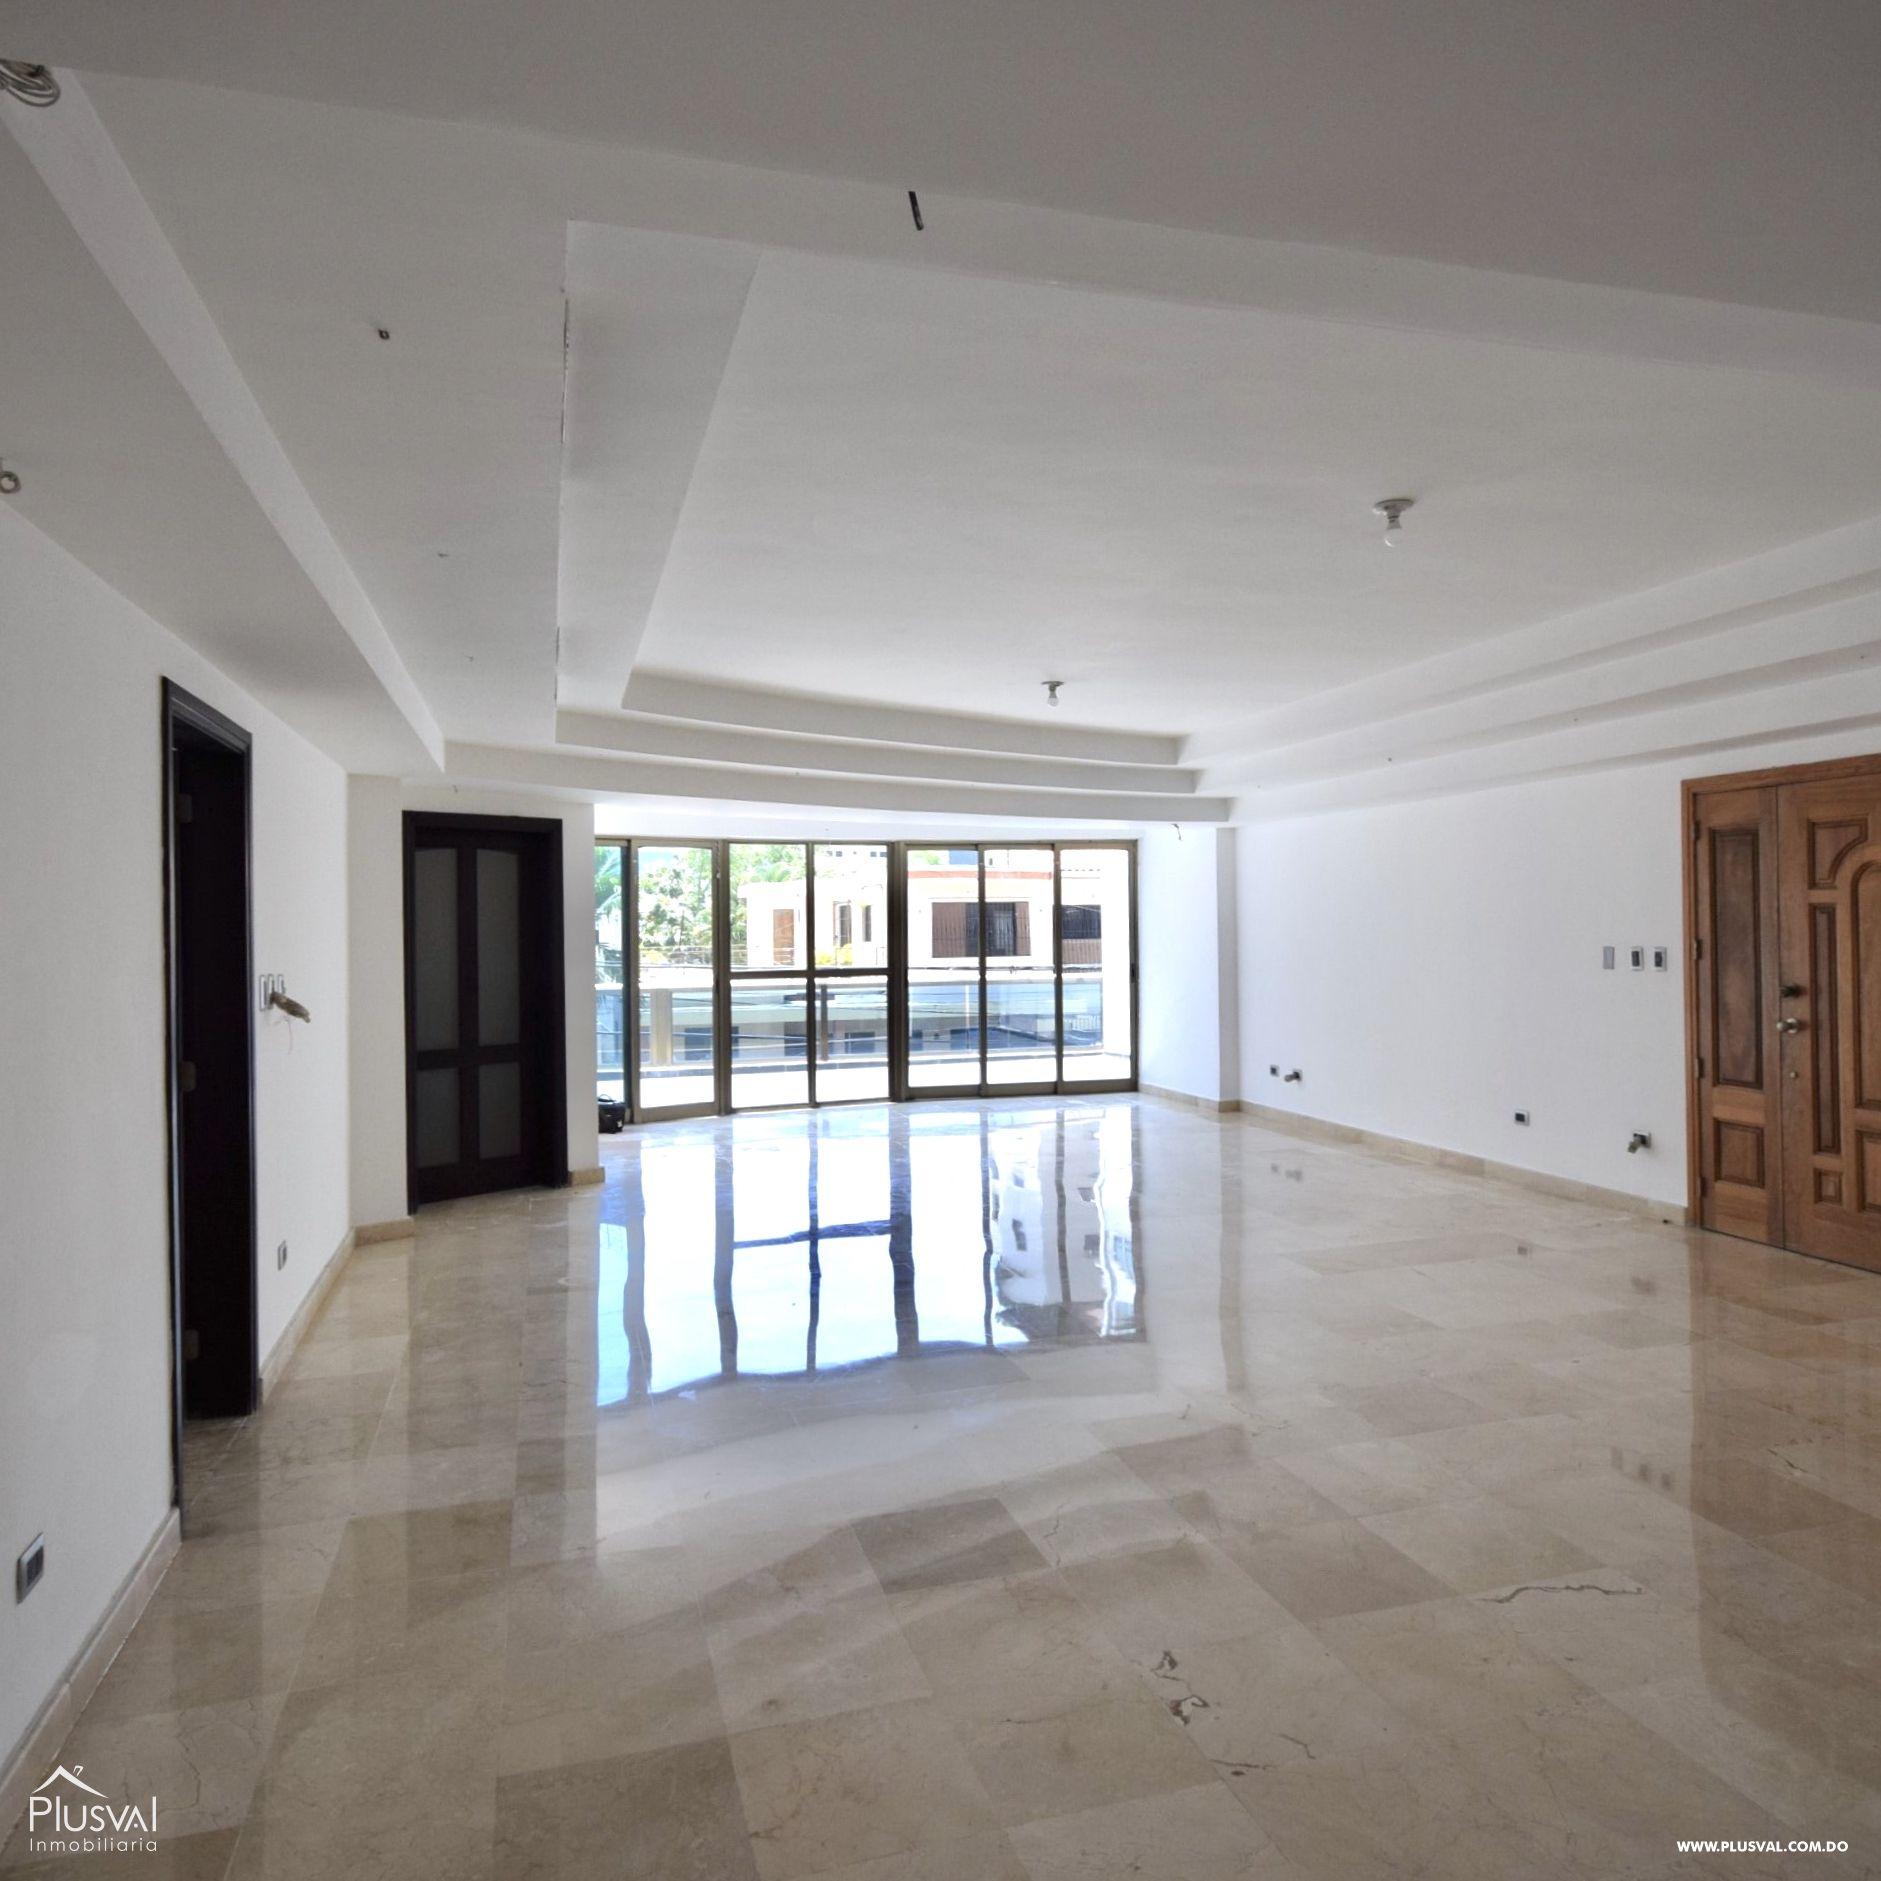 Exclusivo apartamento en venta con amplia terraza, Naco